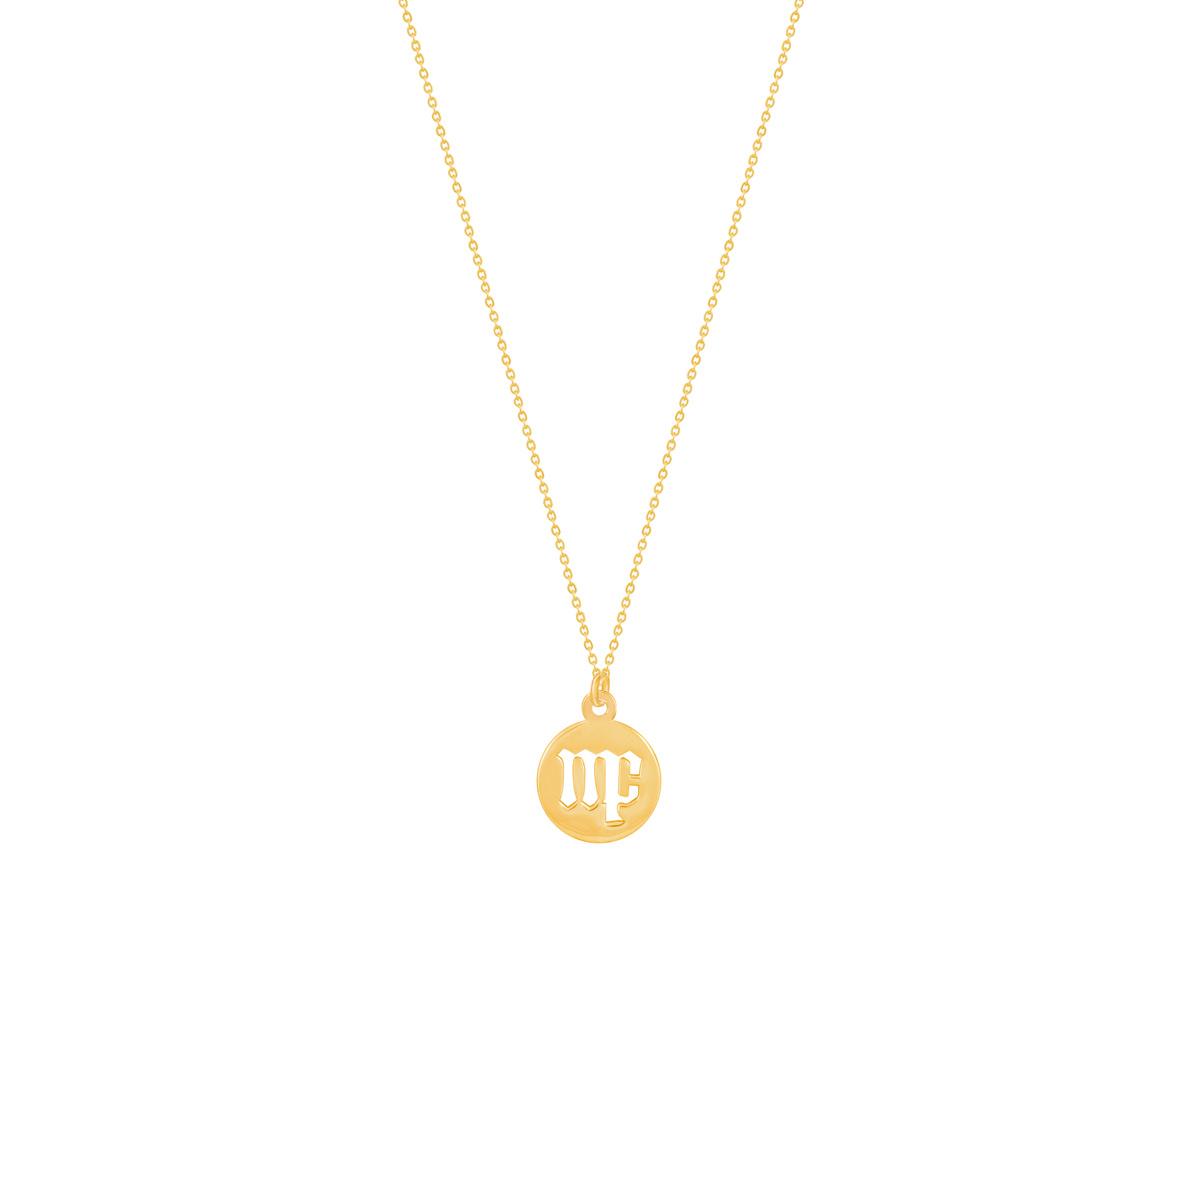 گردنبند طلا نماد ماه شهریور